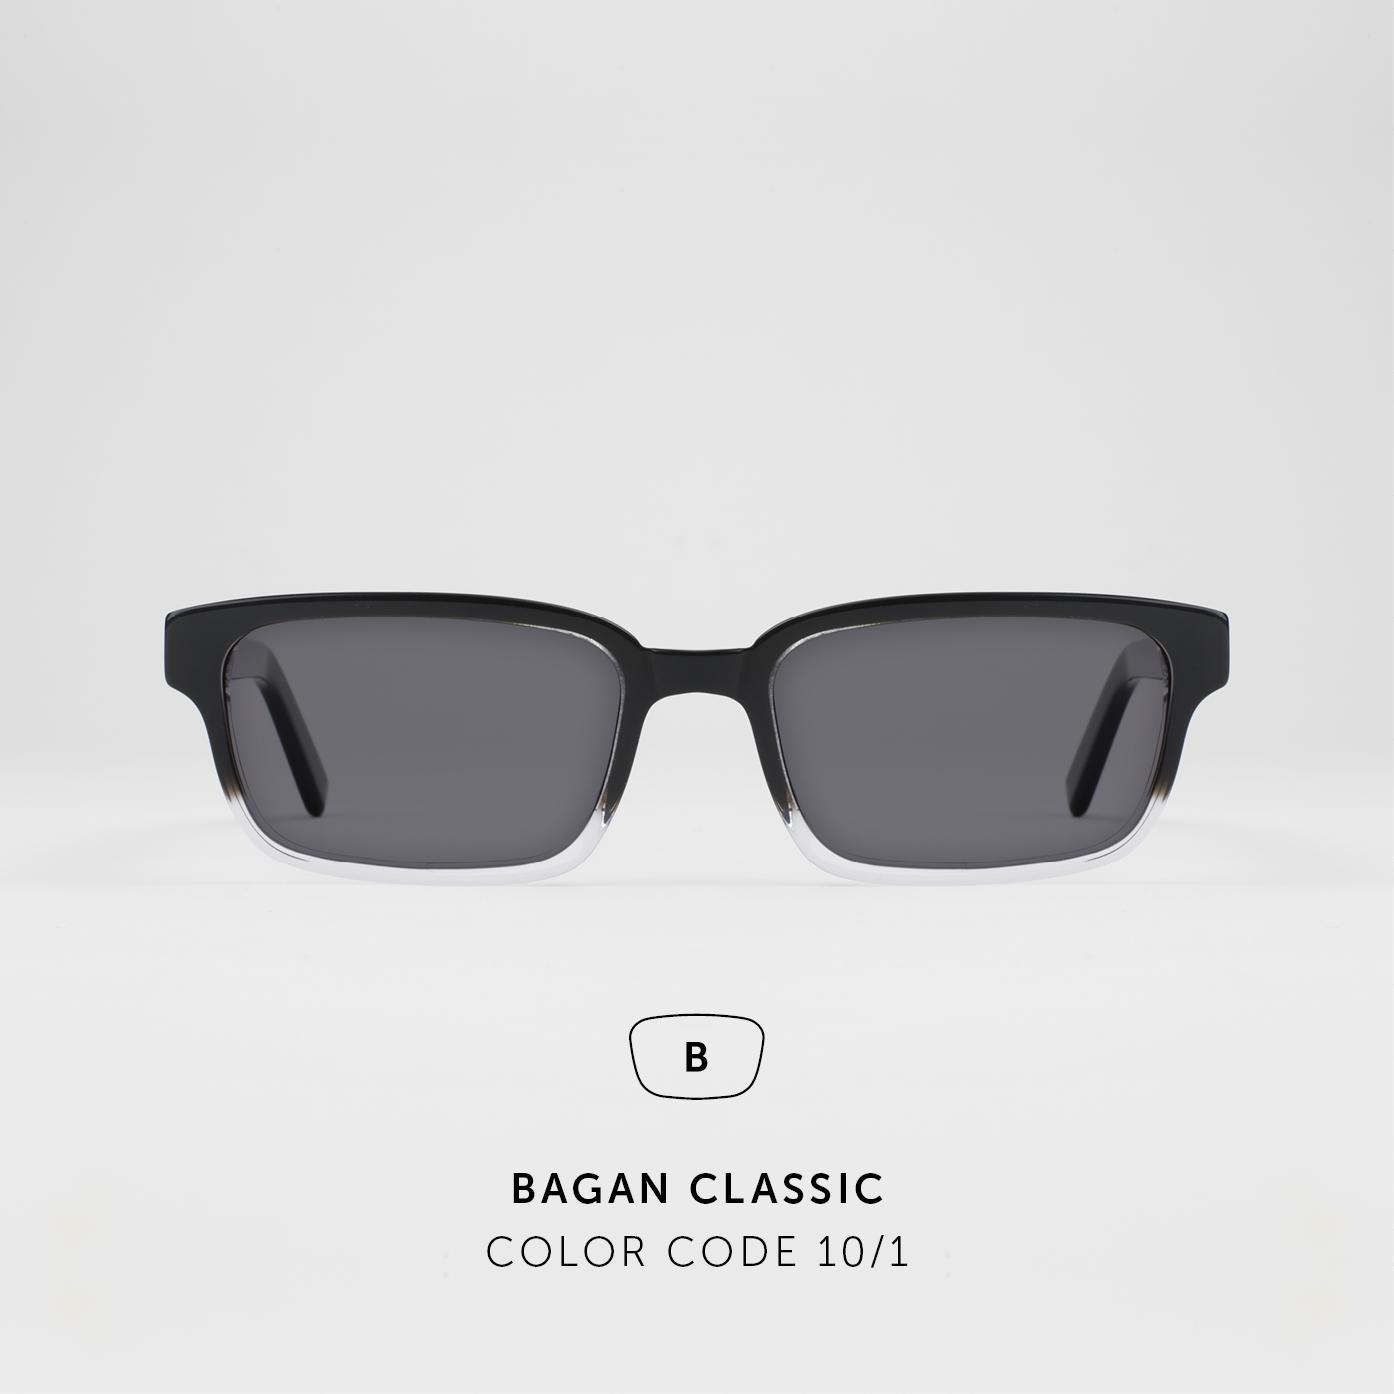 BaganClassic30.jpg